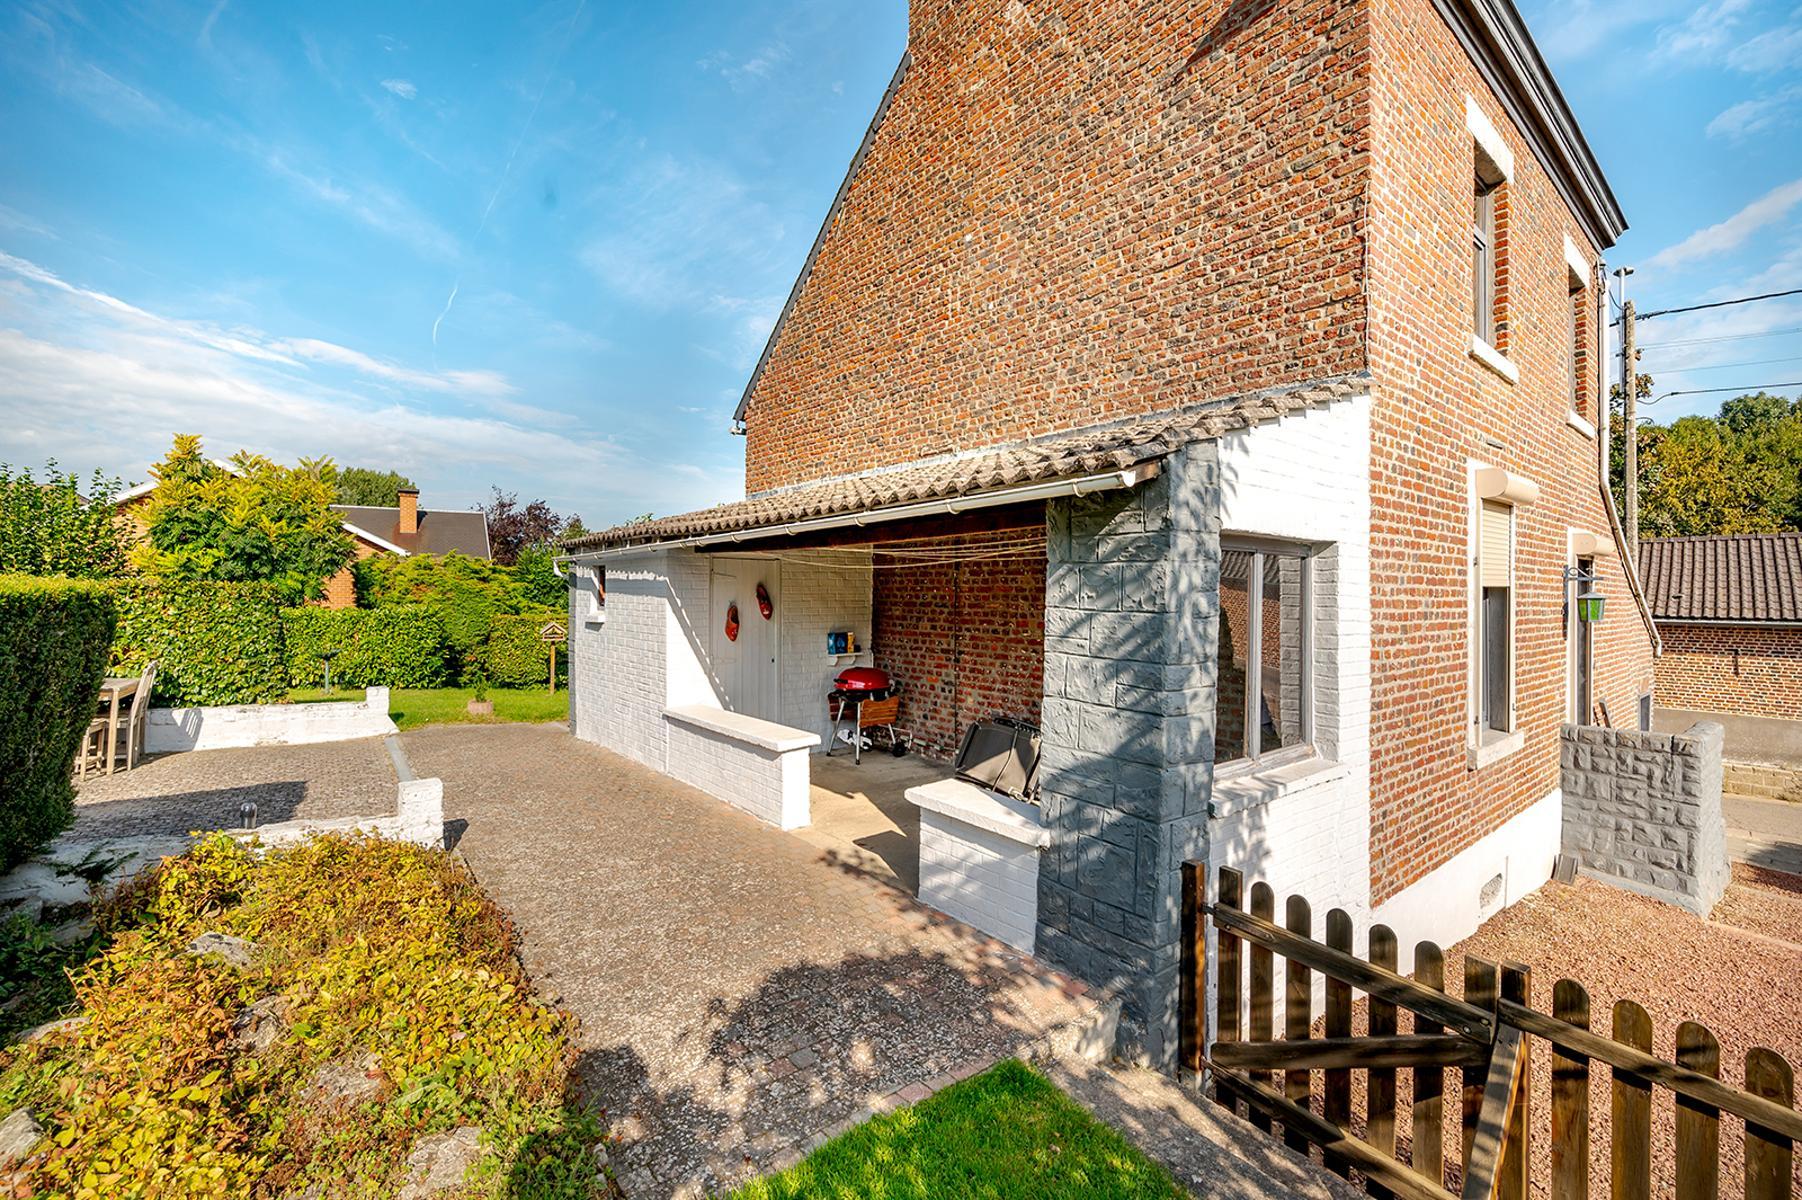 Maison - Braives Villeen-Hesbaye - #4496111-23